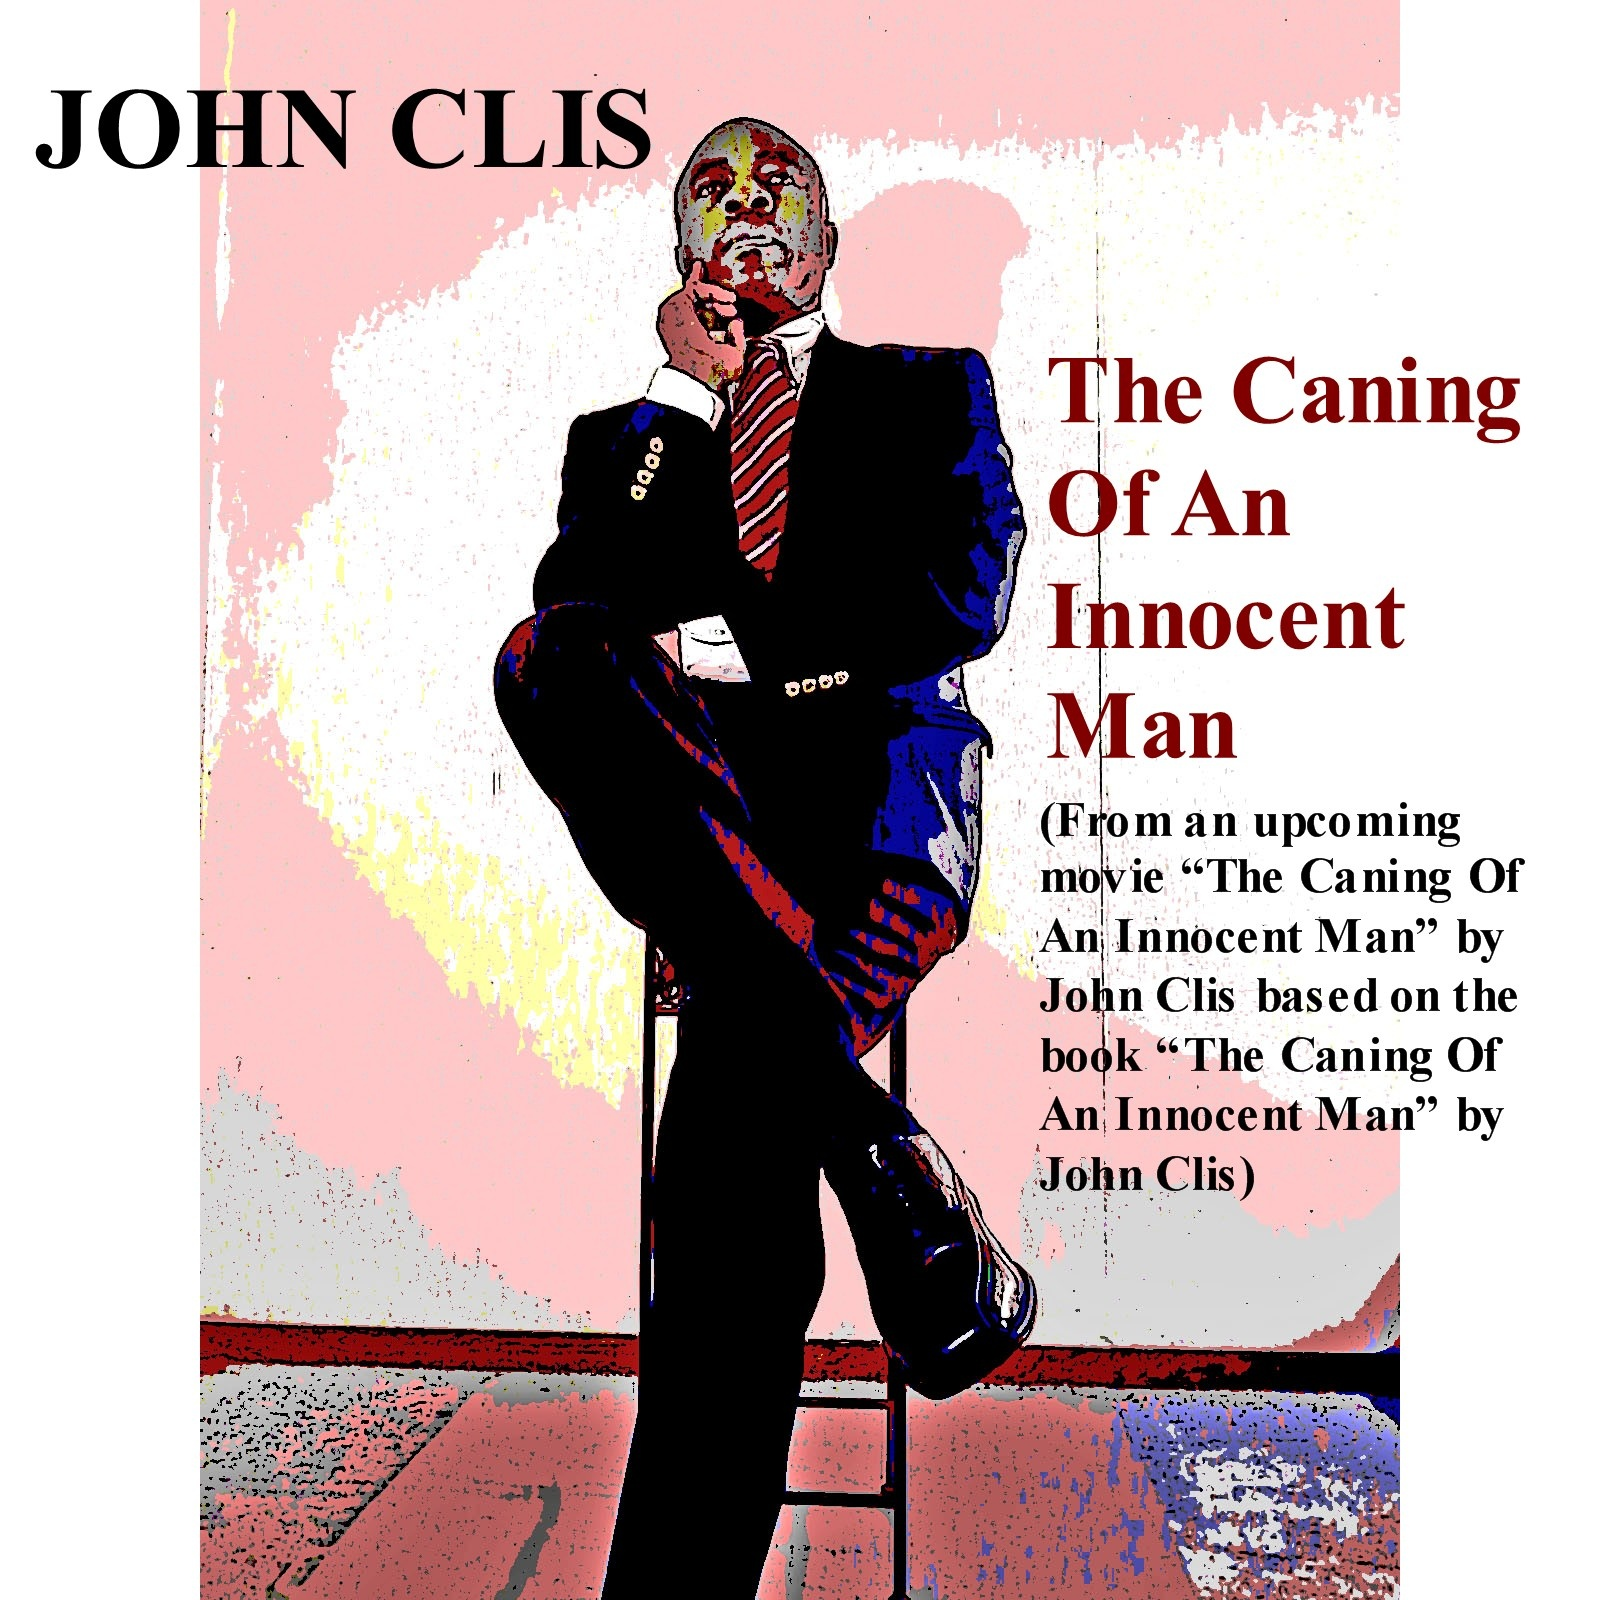 https://0201.nccdn.net/1_2/000/000/098/039/John-Clis---The-Caning-Of-An-Innocent-Man---Pic-1-1600x1600.jpg